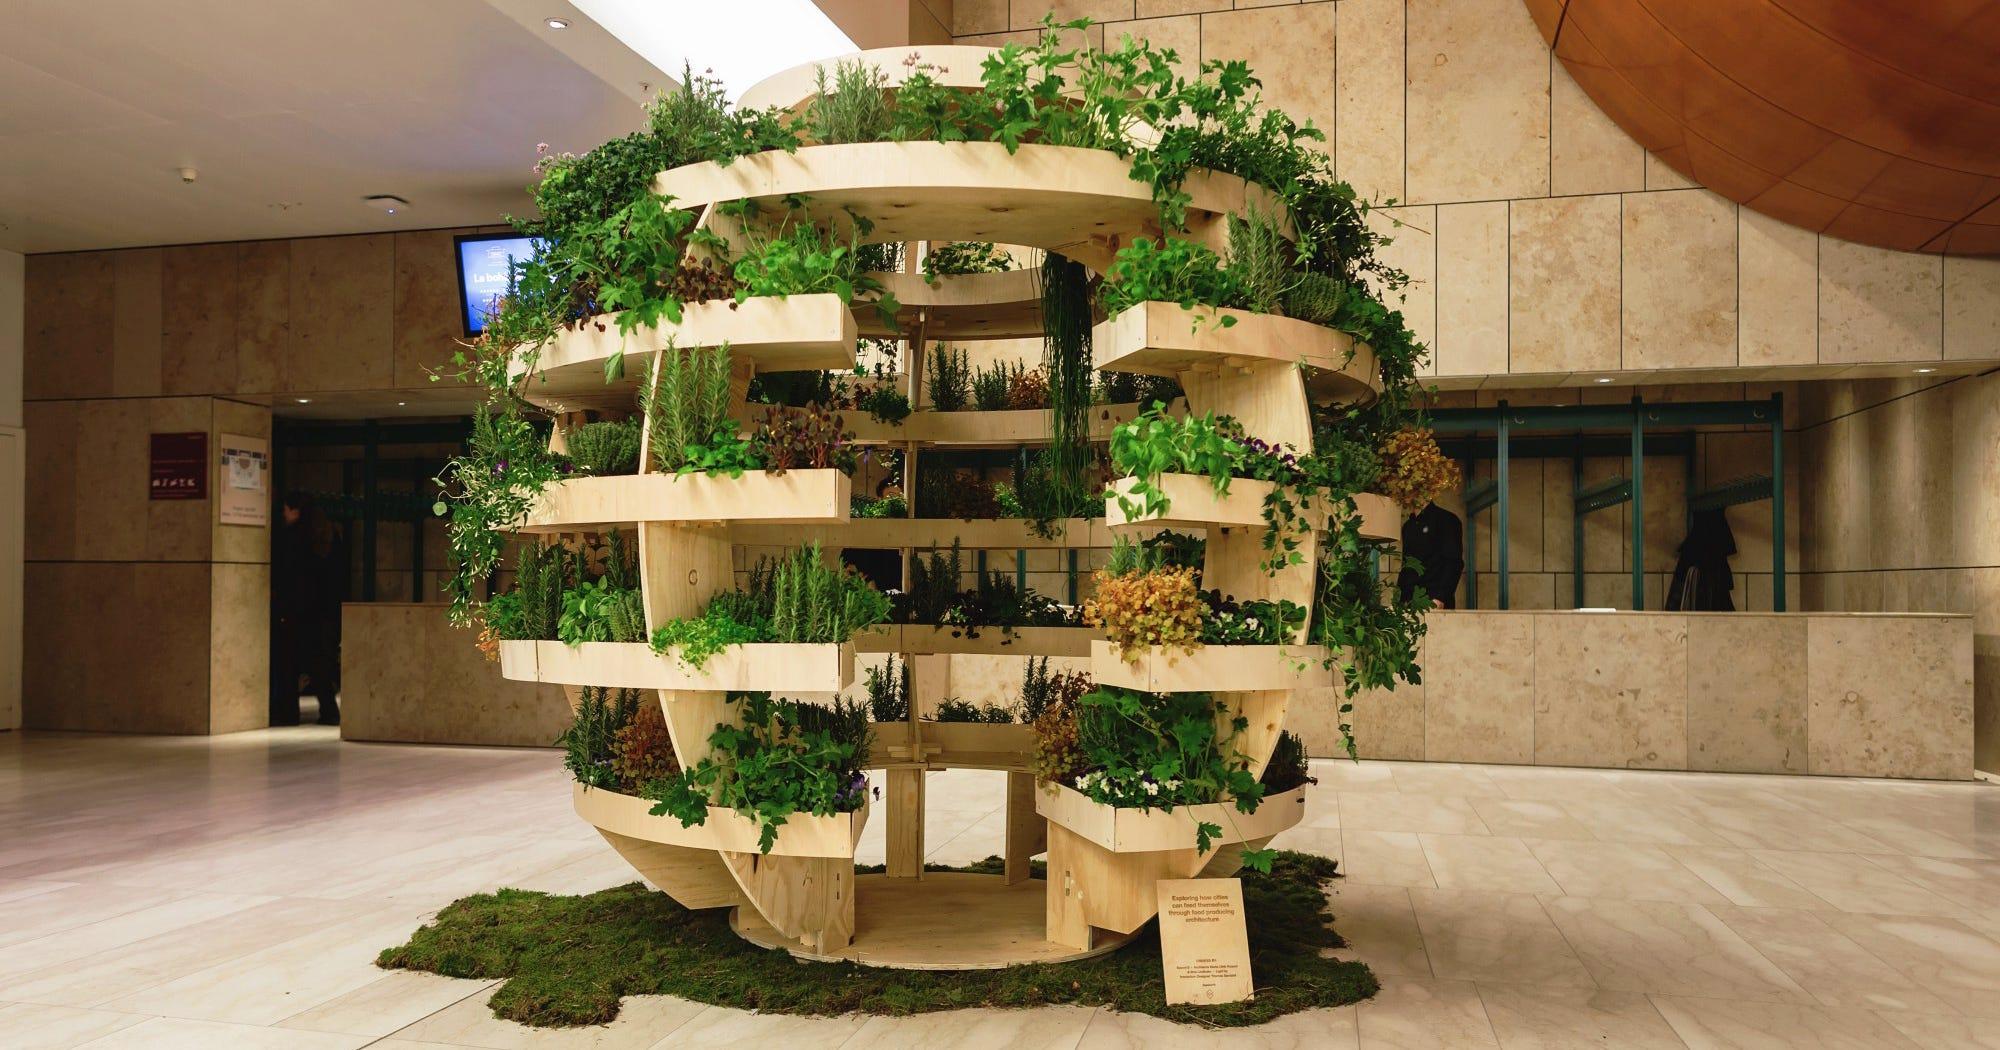 Ten Top Tips For Small Shady Urban Gardens: DIY Urban Garden Space10 IKEA Indoor Green Space